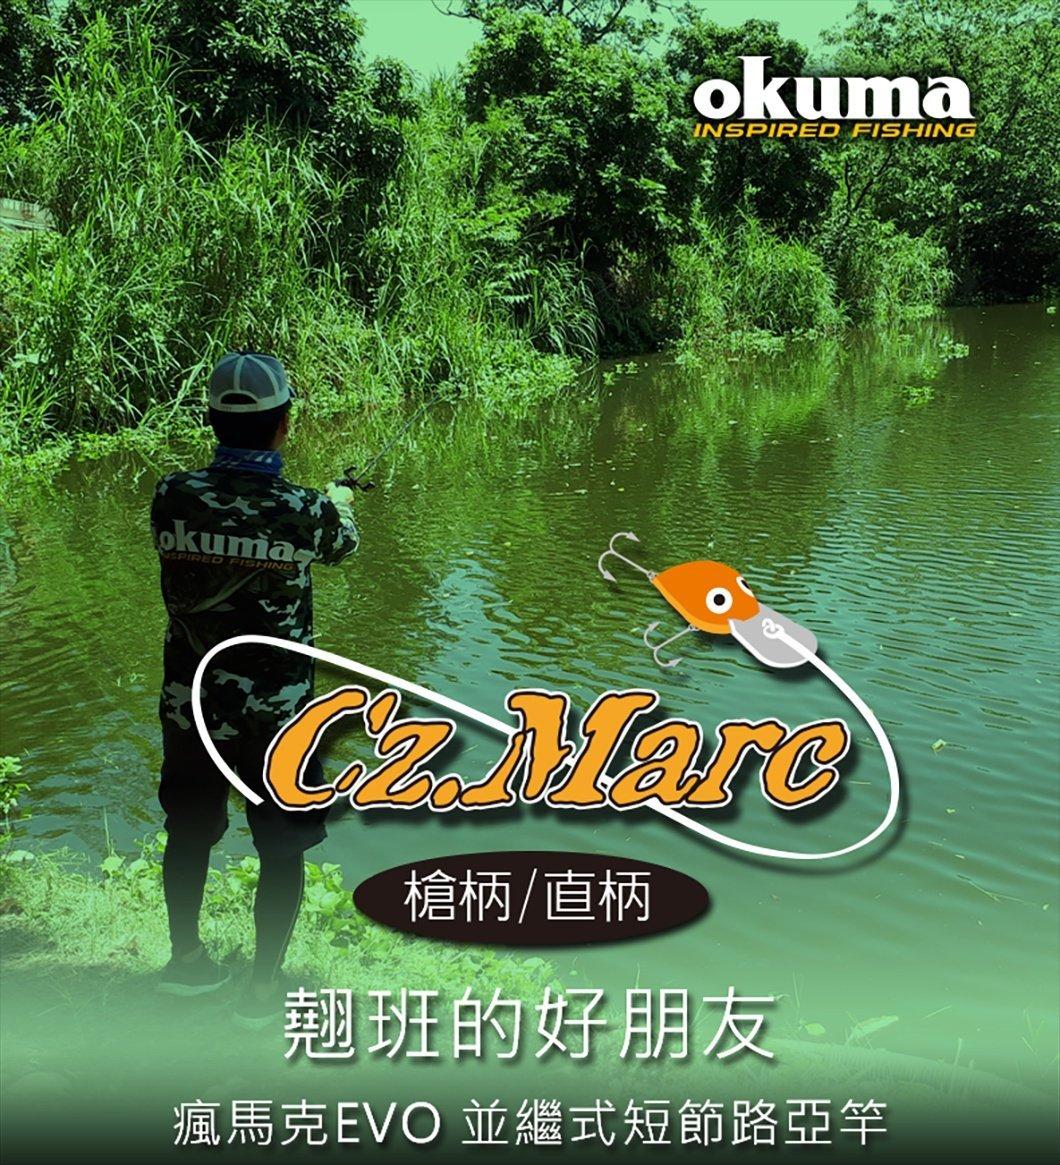 【欣の店】OKUMA 寶熊 瘋馬克 FMKII 634UL/L 雙尾路亞竿 一竿二用 鱸魚竿  免運費